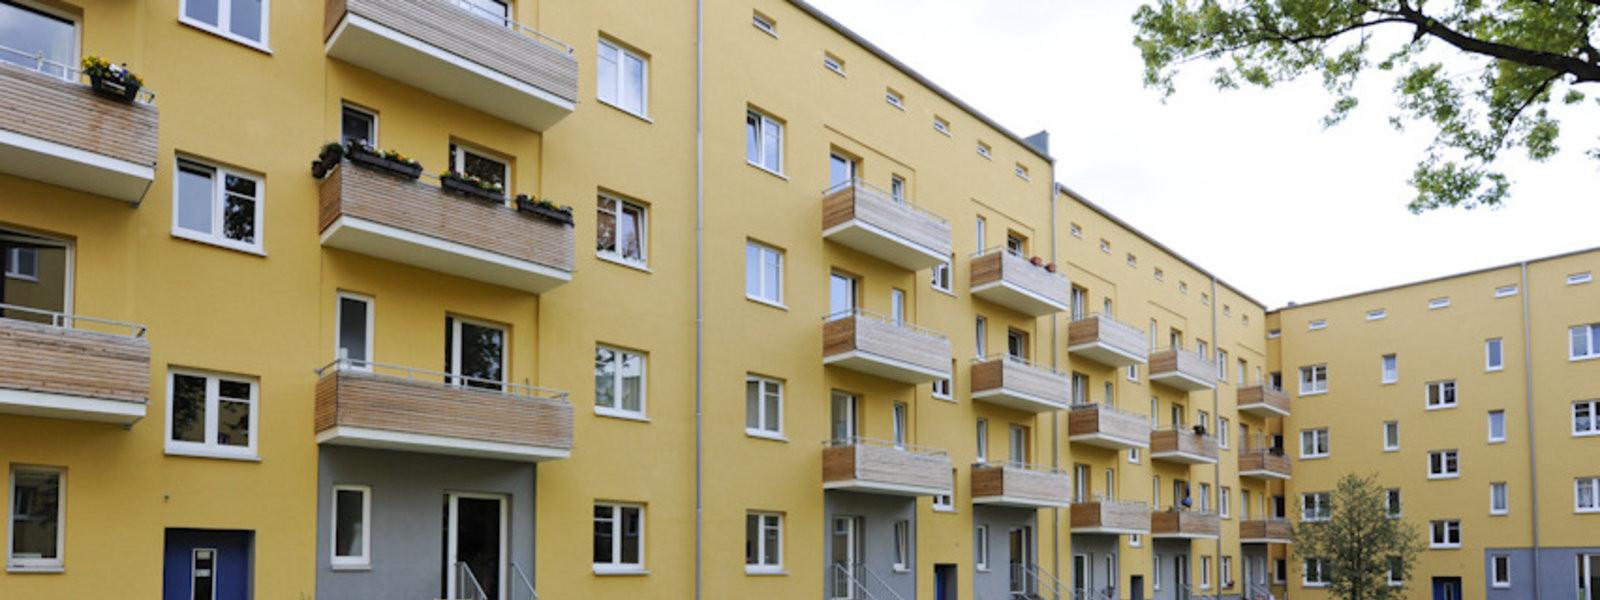 Saga Wohnungen Hamburg  Die Besten Ideen Für Saga Wohnungen Hamburg – Beste